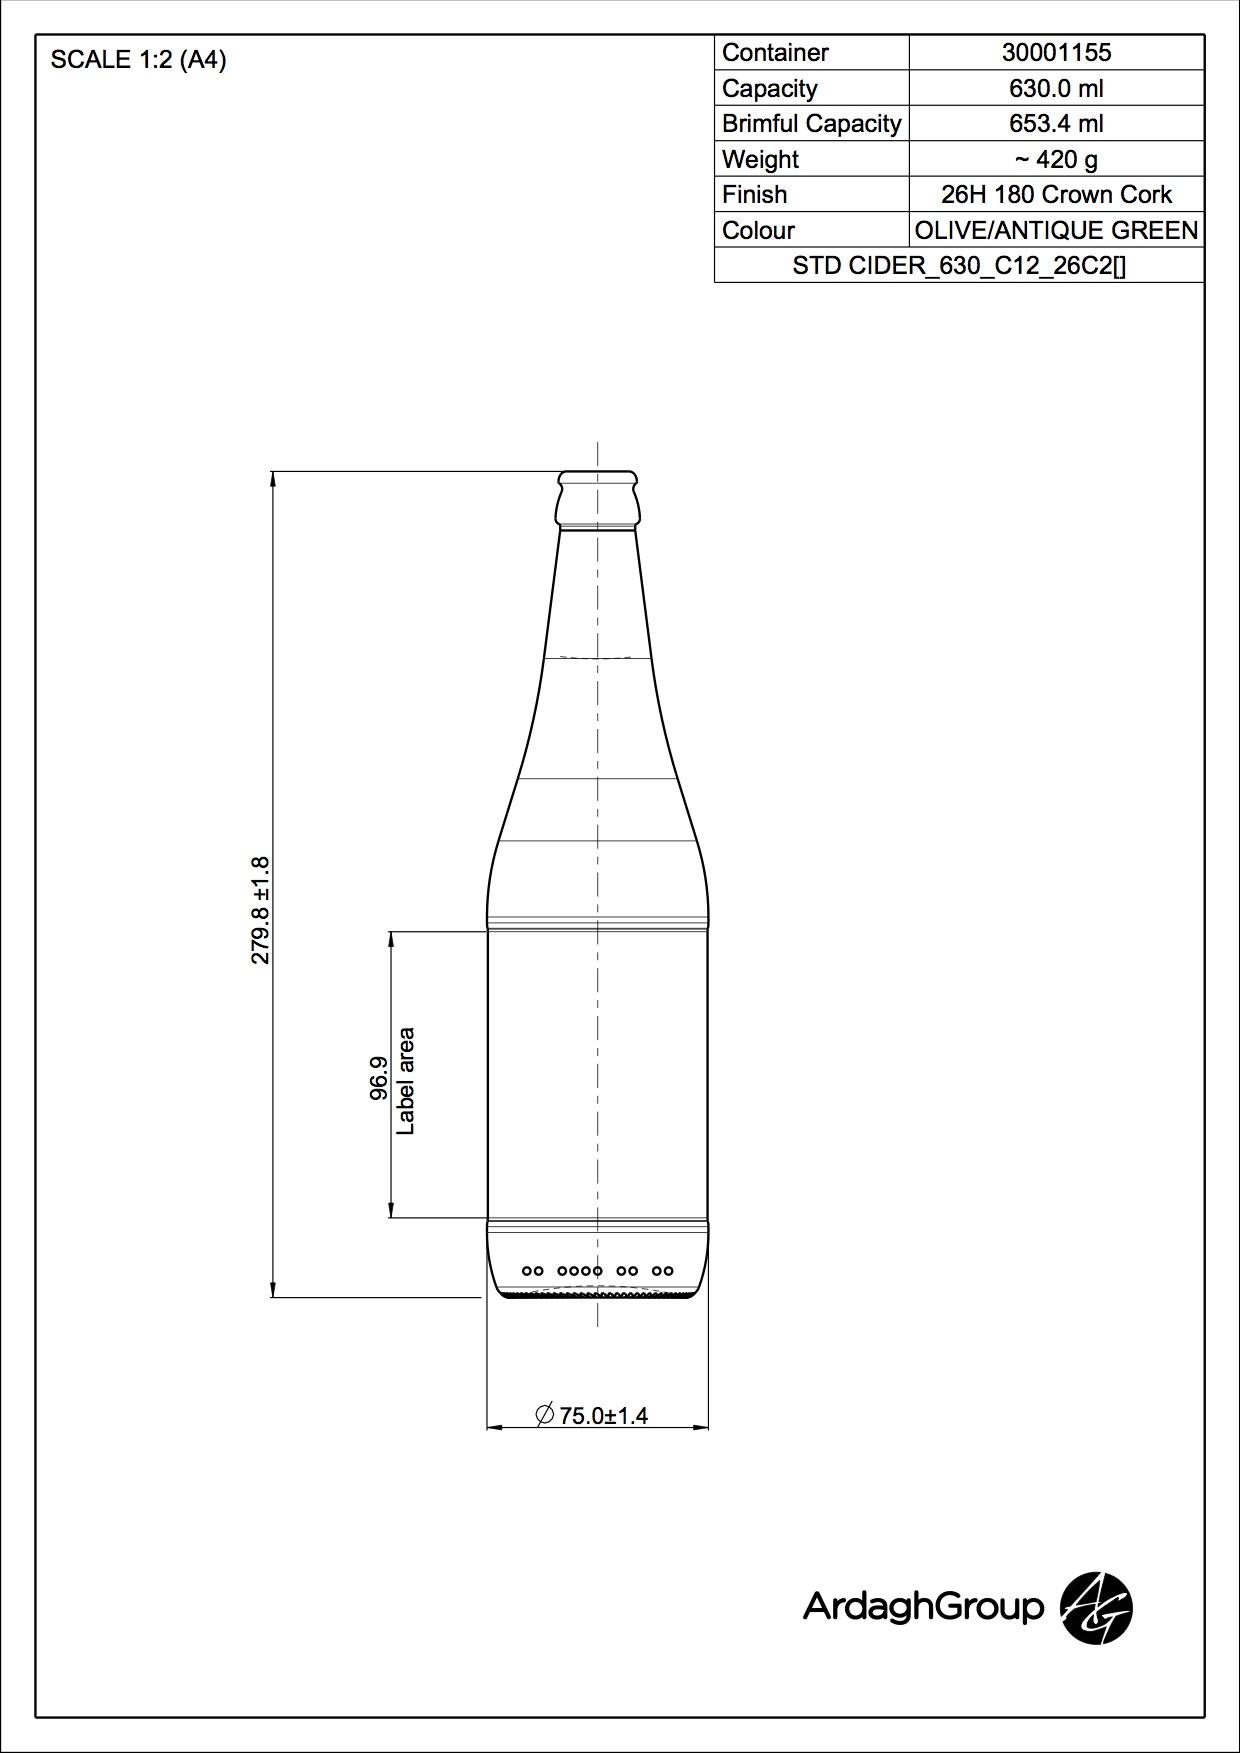 STD CIDER CROWN 630 C12 26C2